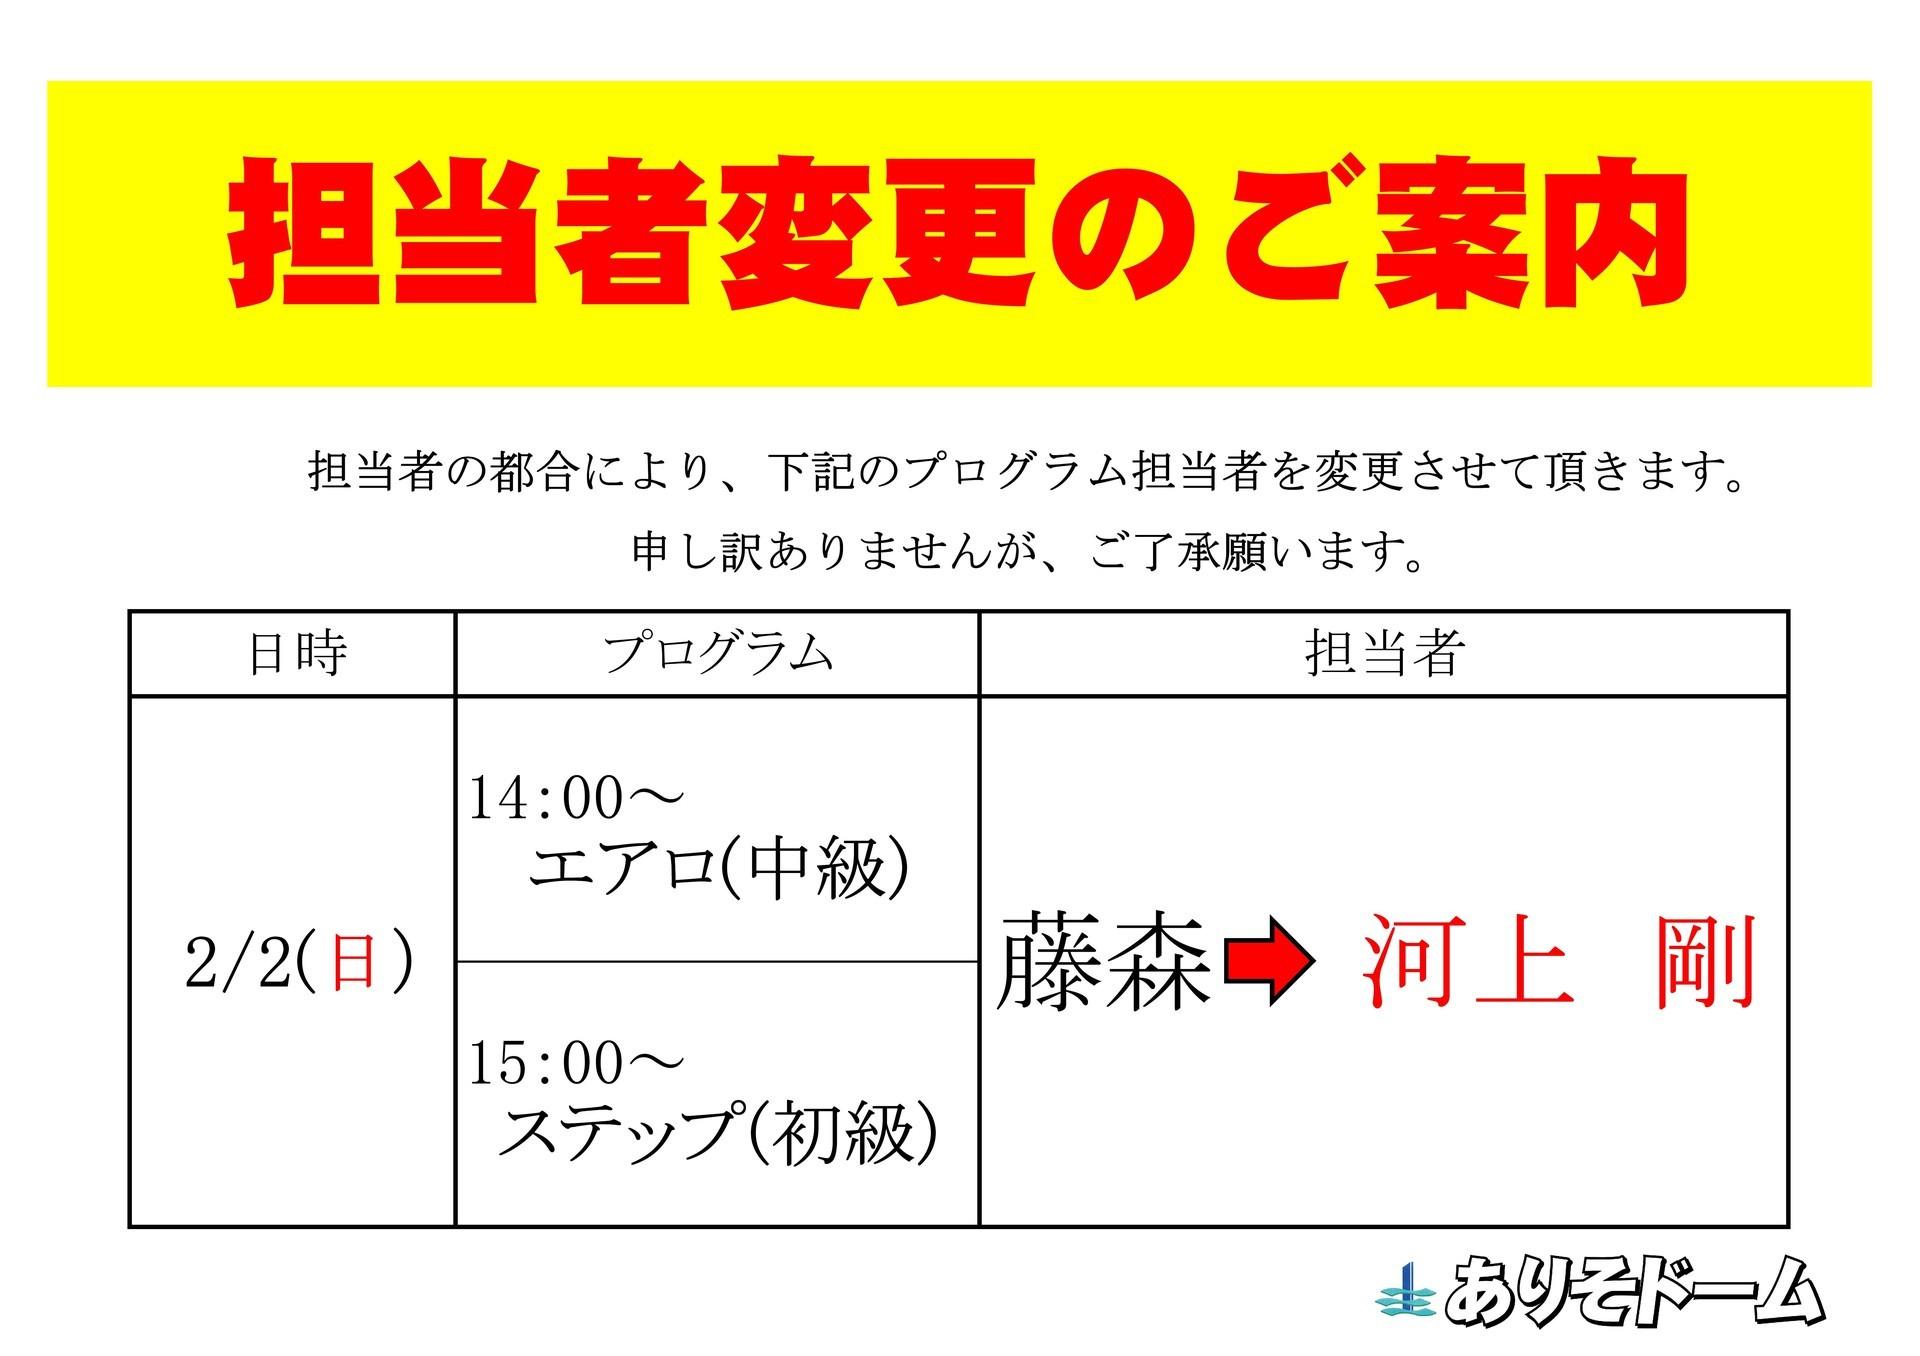 担当者変更案内(4パターン).jpg